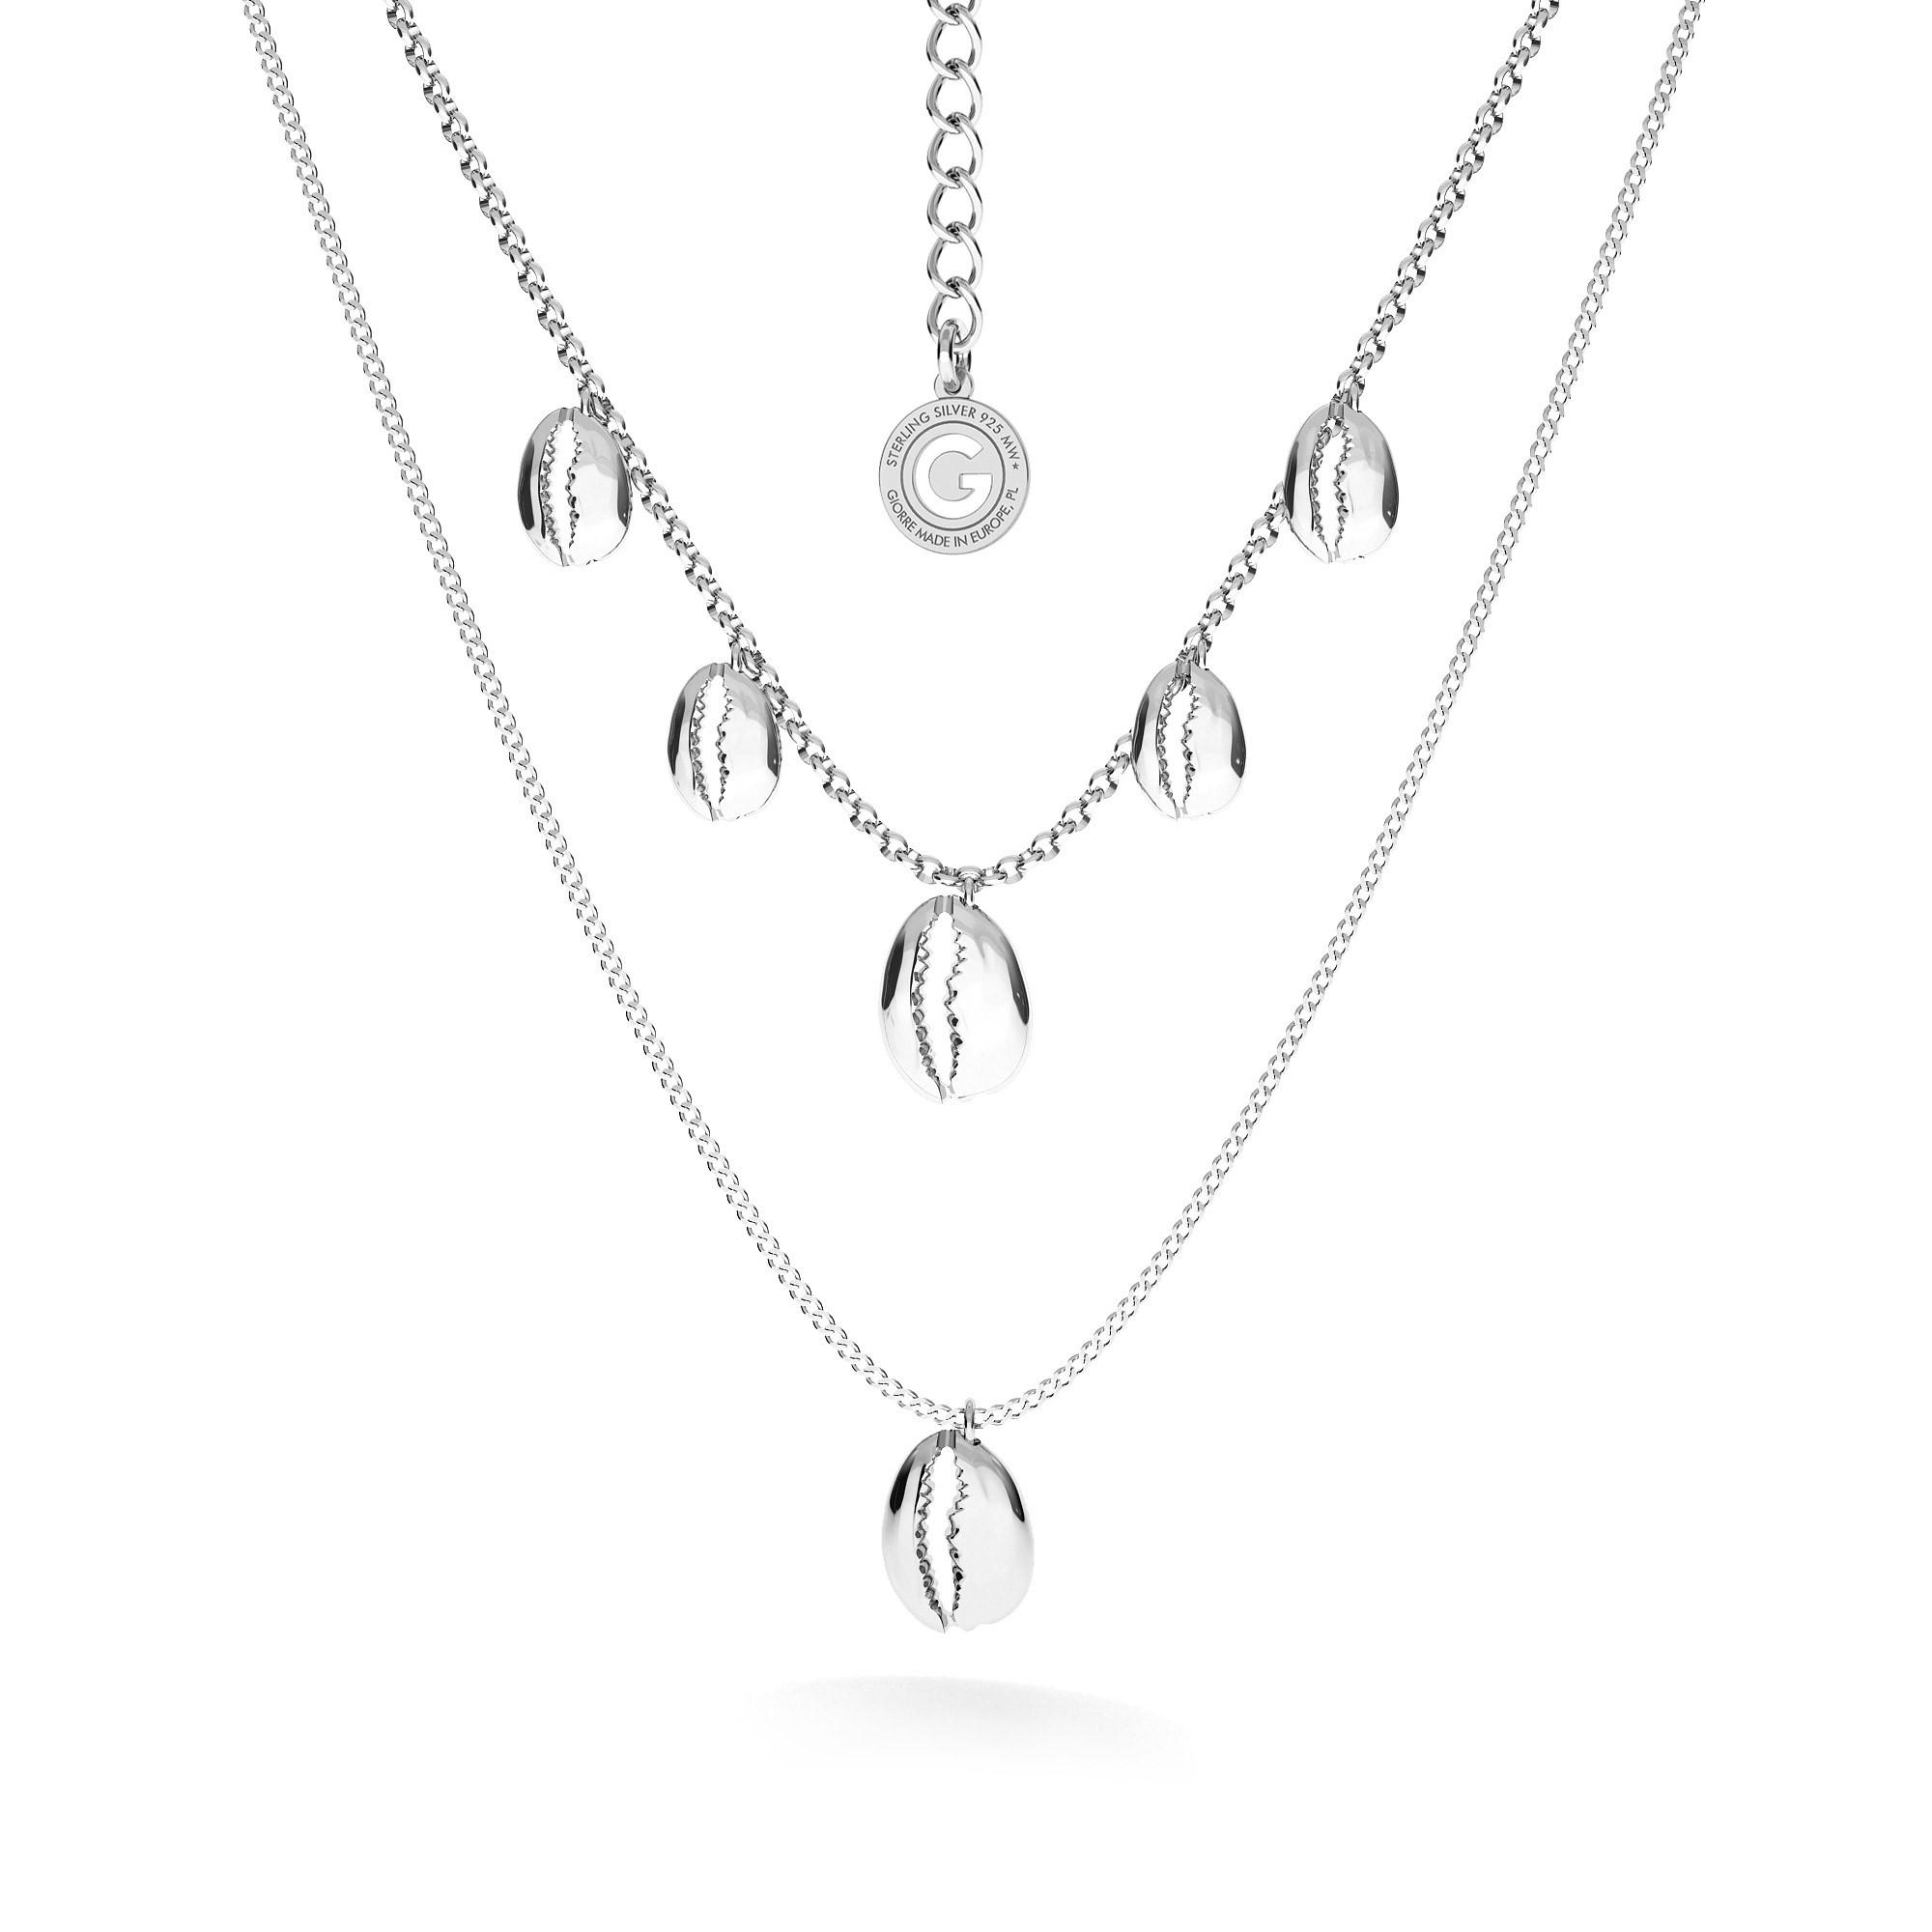 Srebrny naszyjnik muszle MON DÉFI, srebro 925